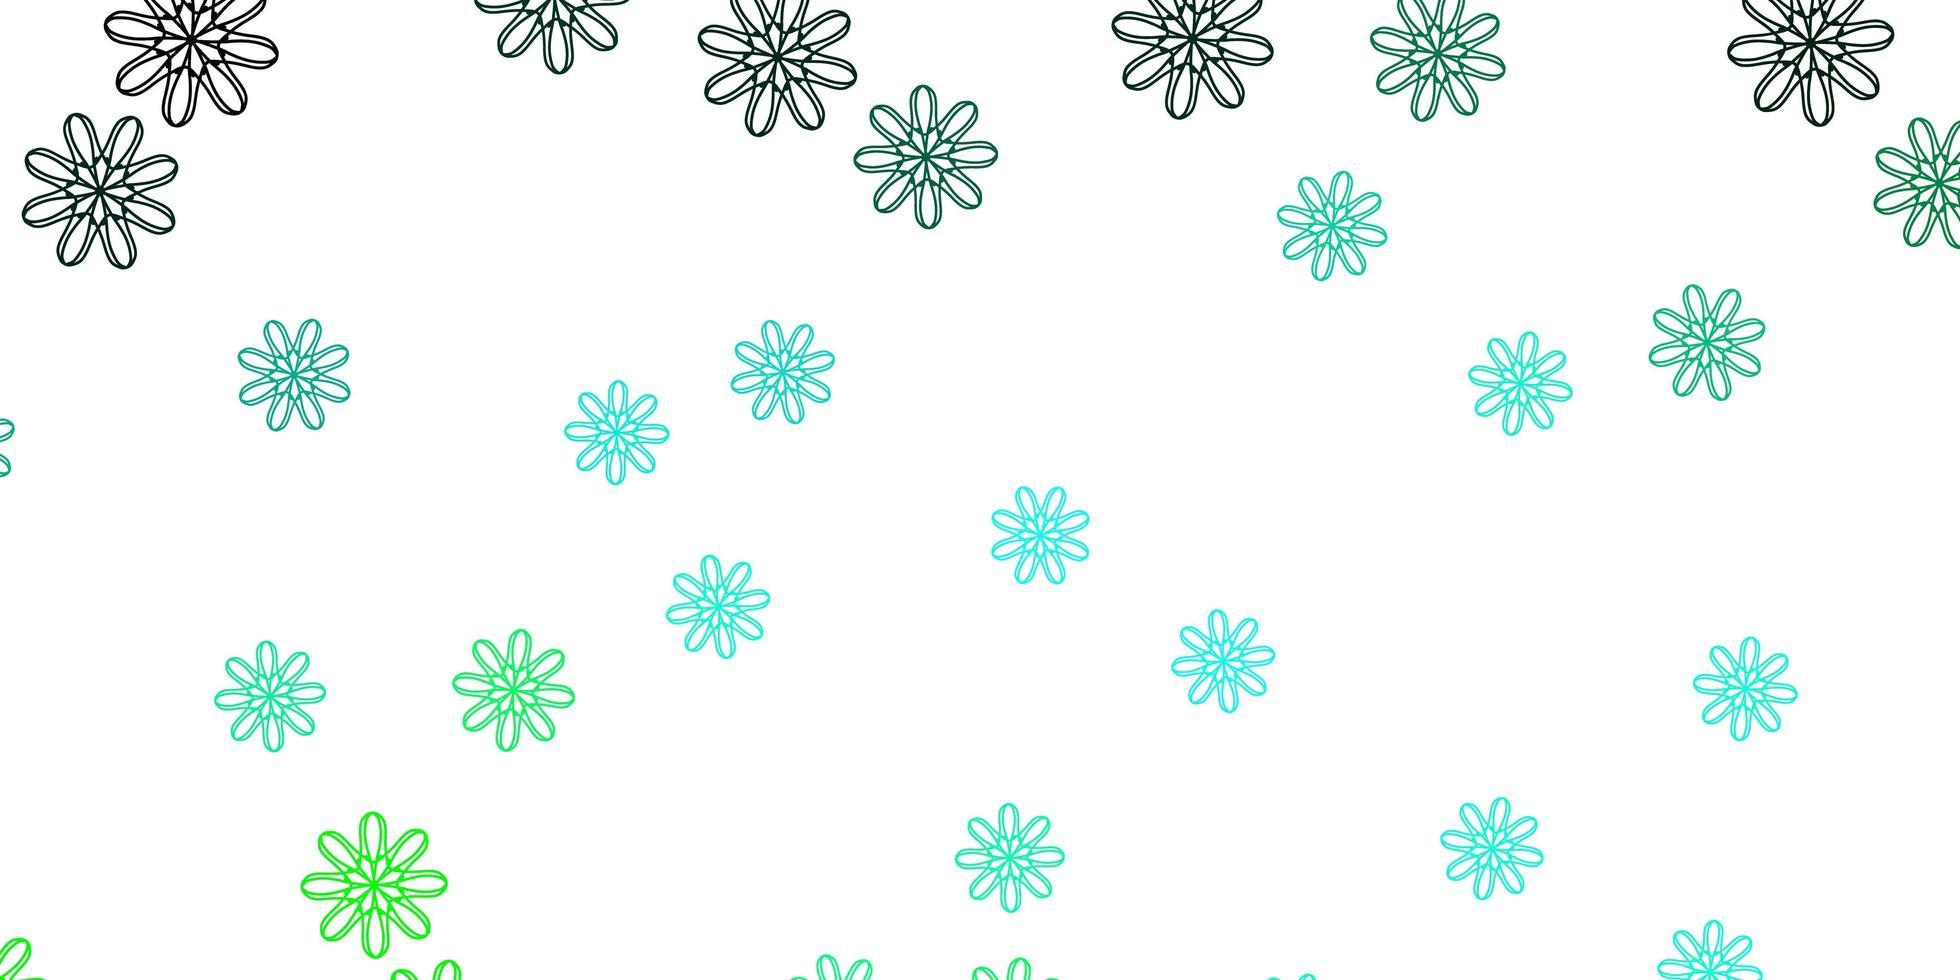 texture de doodle vecteur vert clair avec des fleurs.